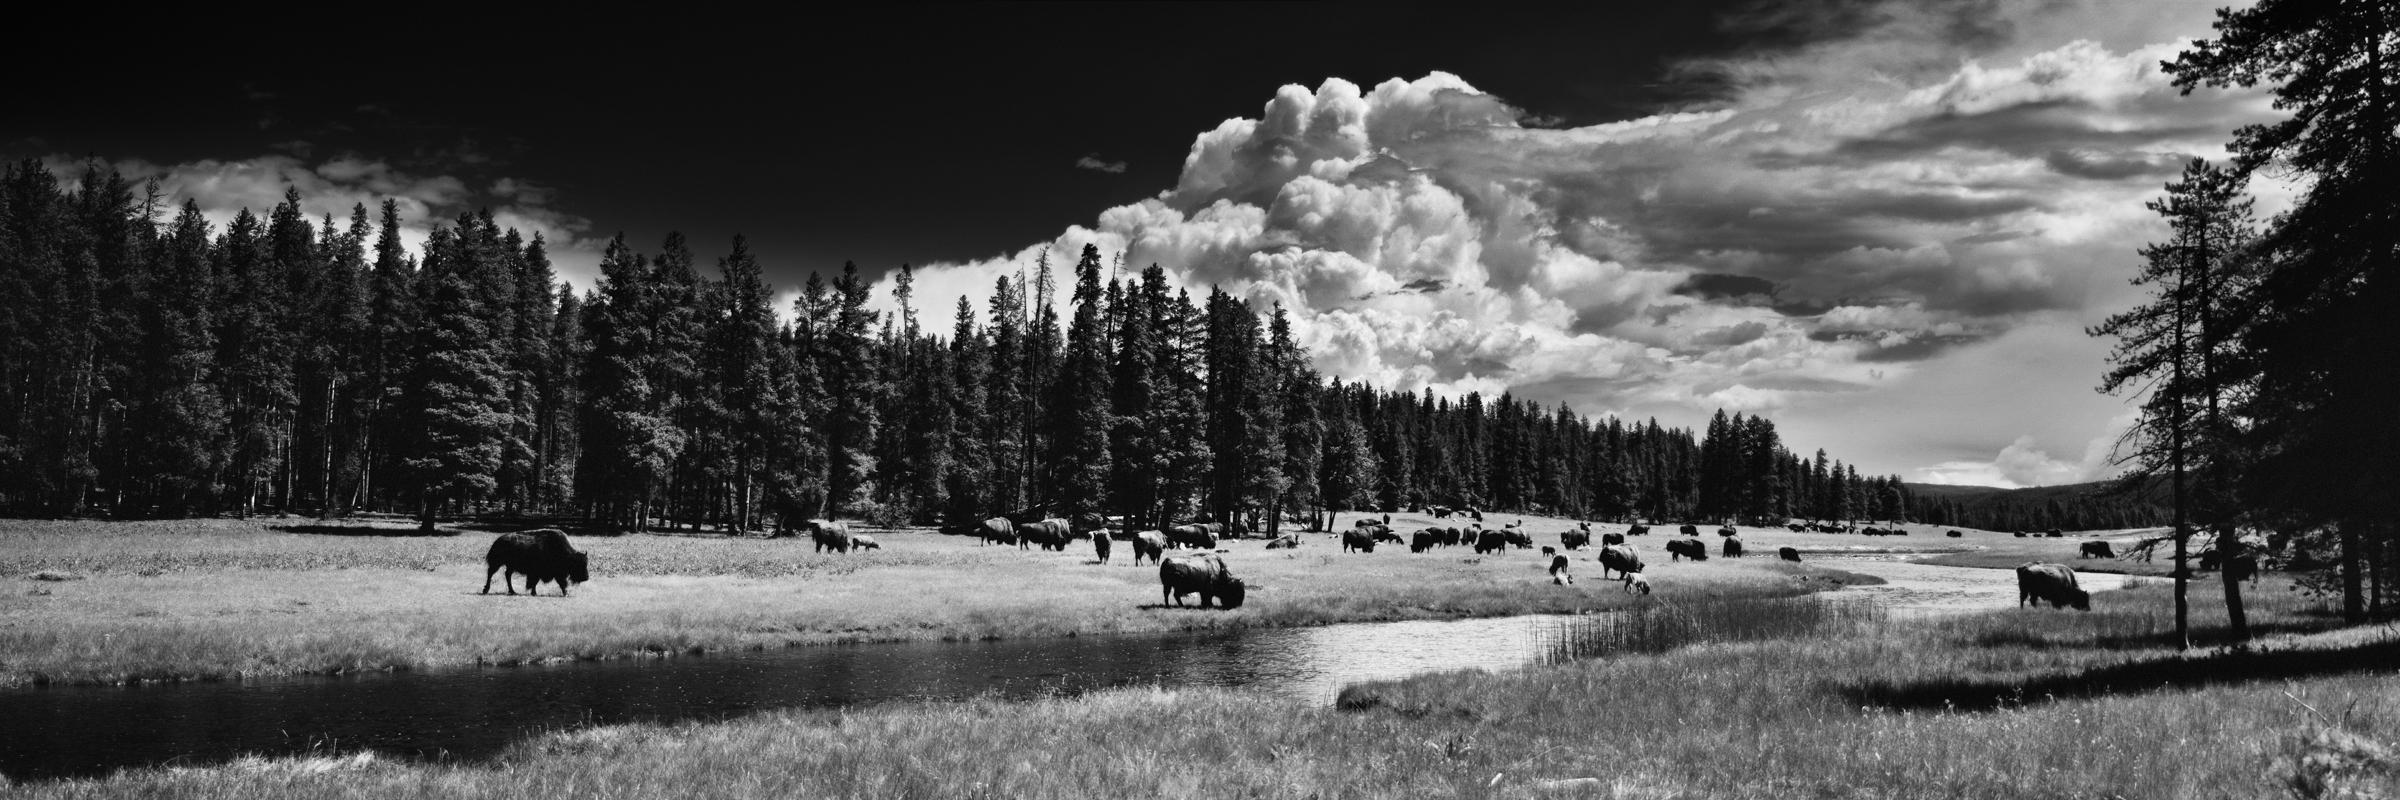 Yellowstone National Park,  Nez Perce Creek, Buffalo, Wyoming